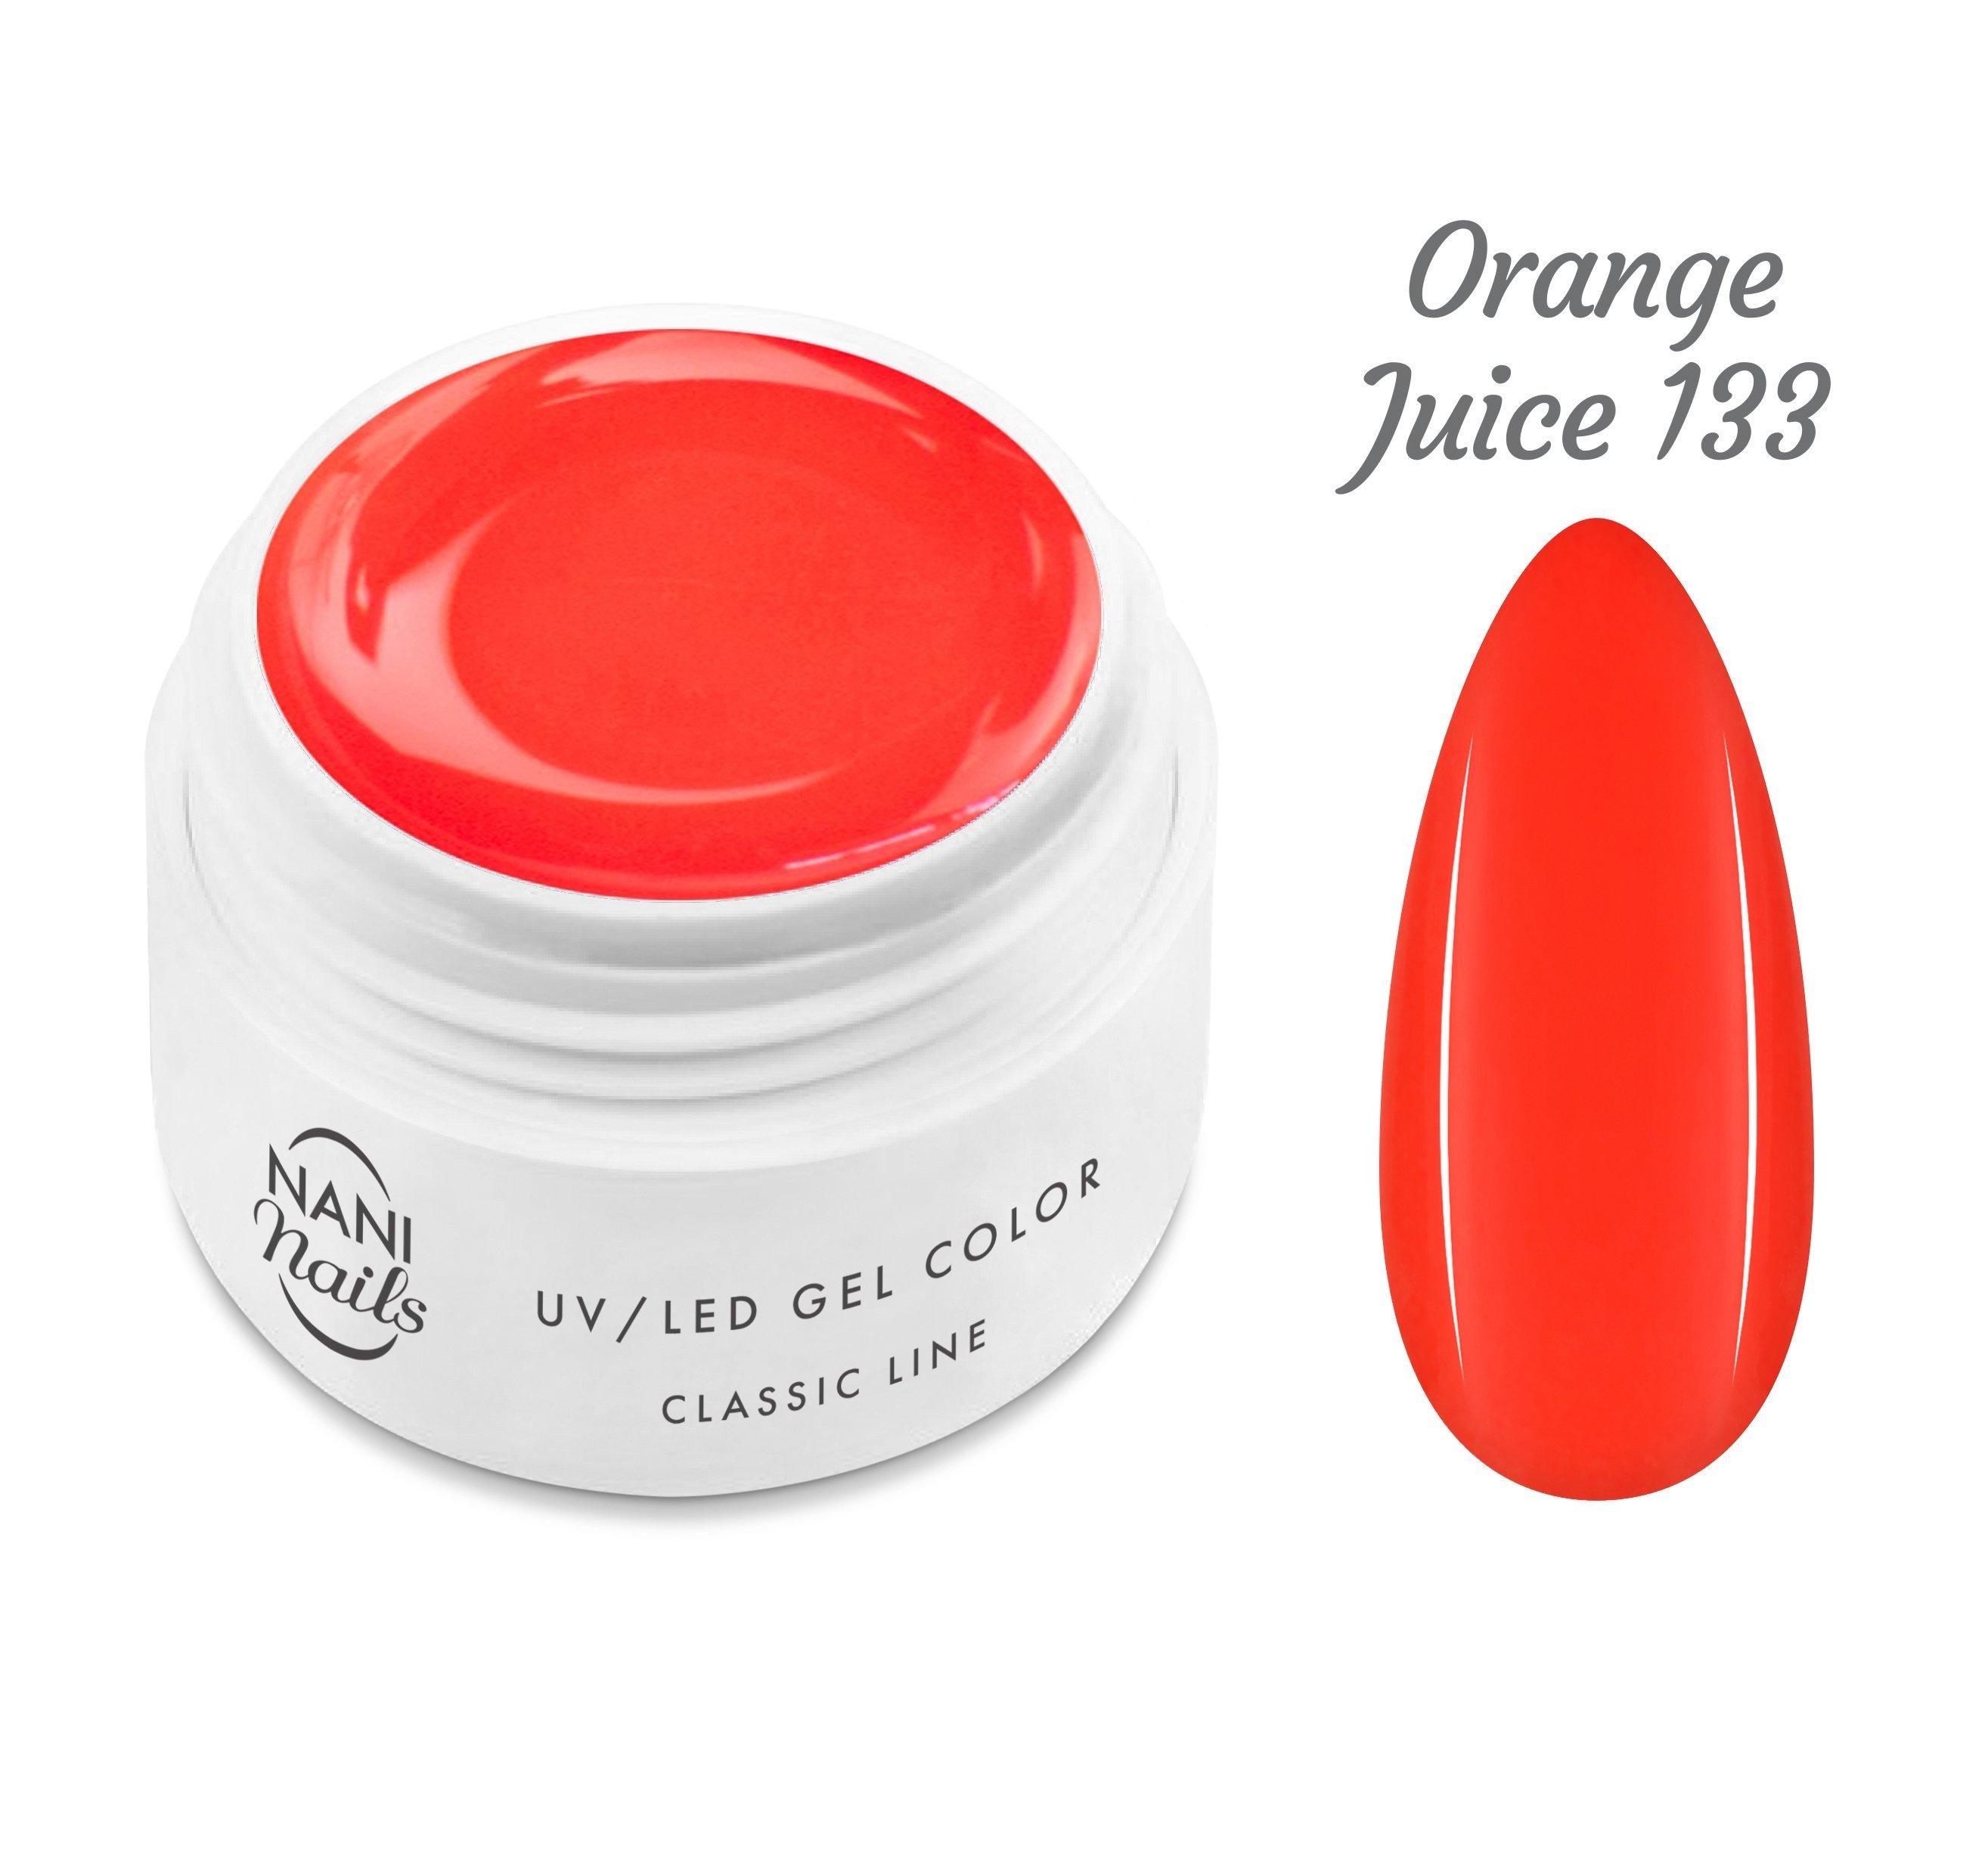 NANI UV gél Classic Line 5 ml - Orange Juice